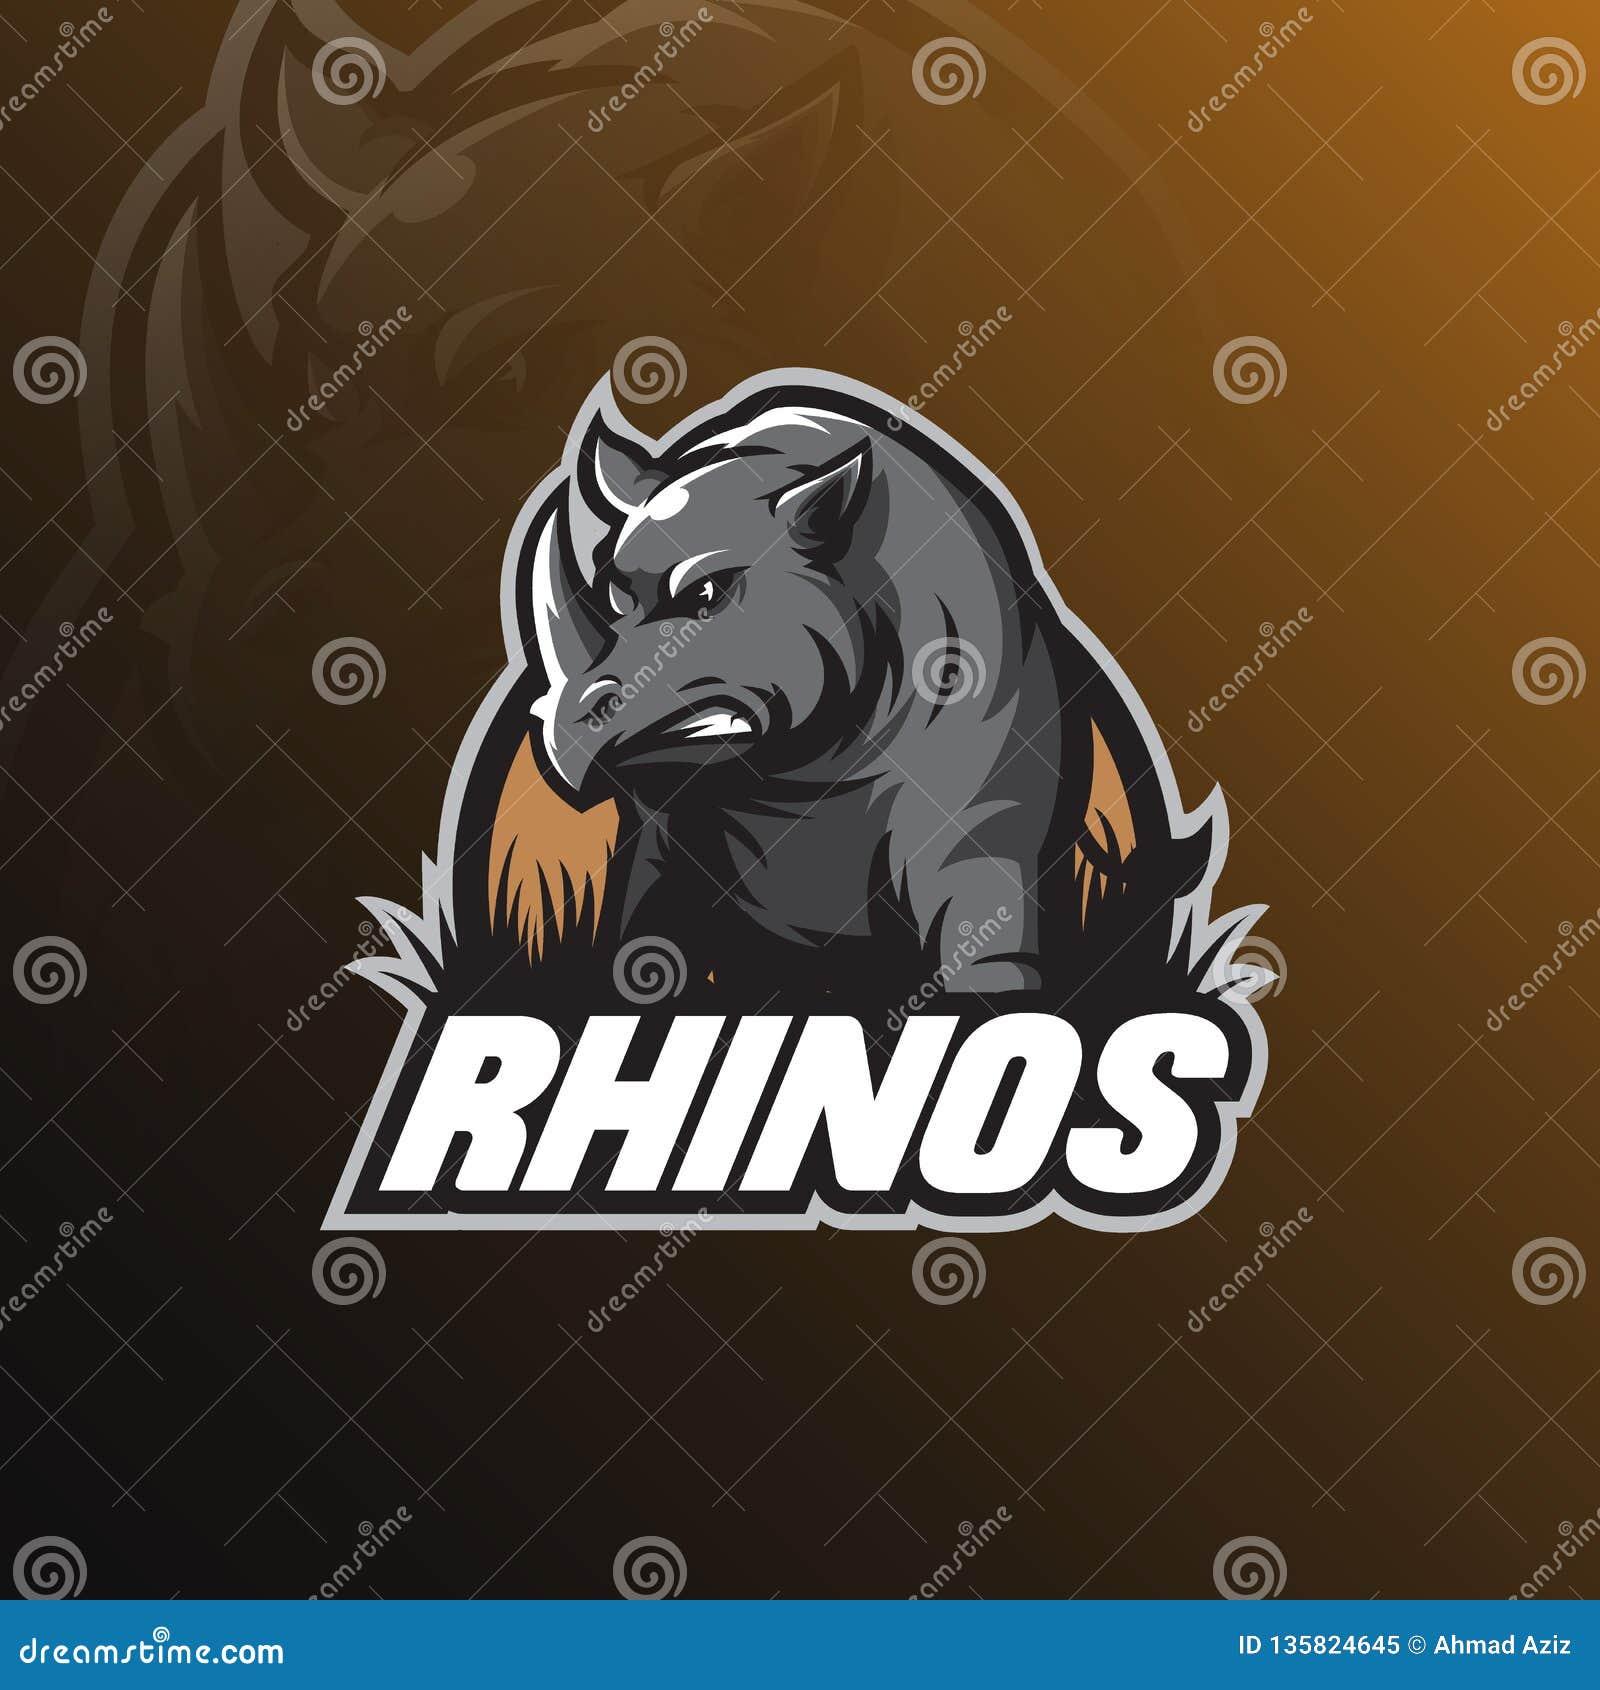 Mascote do projeto do logotipo do vetor do rinoceronte com estilo moderno do conceito da ilustração para a impressão do crachá, d